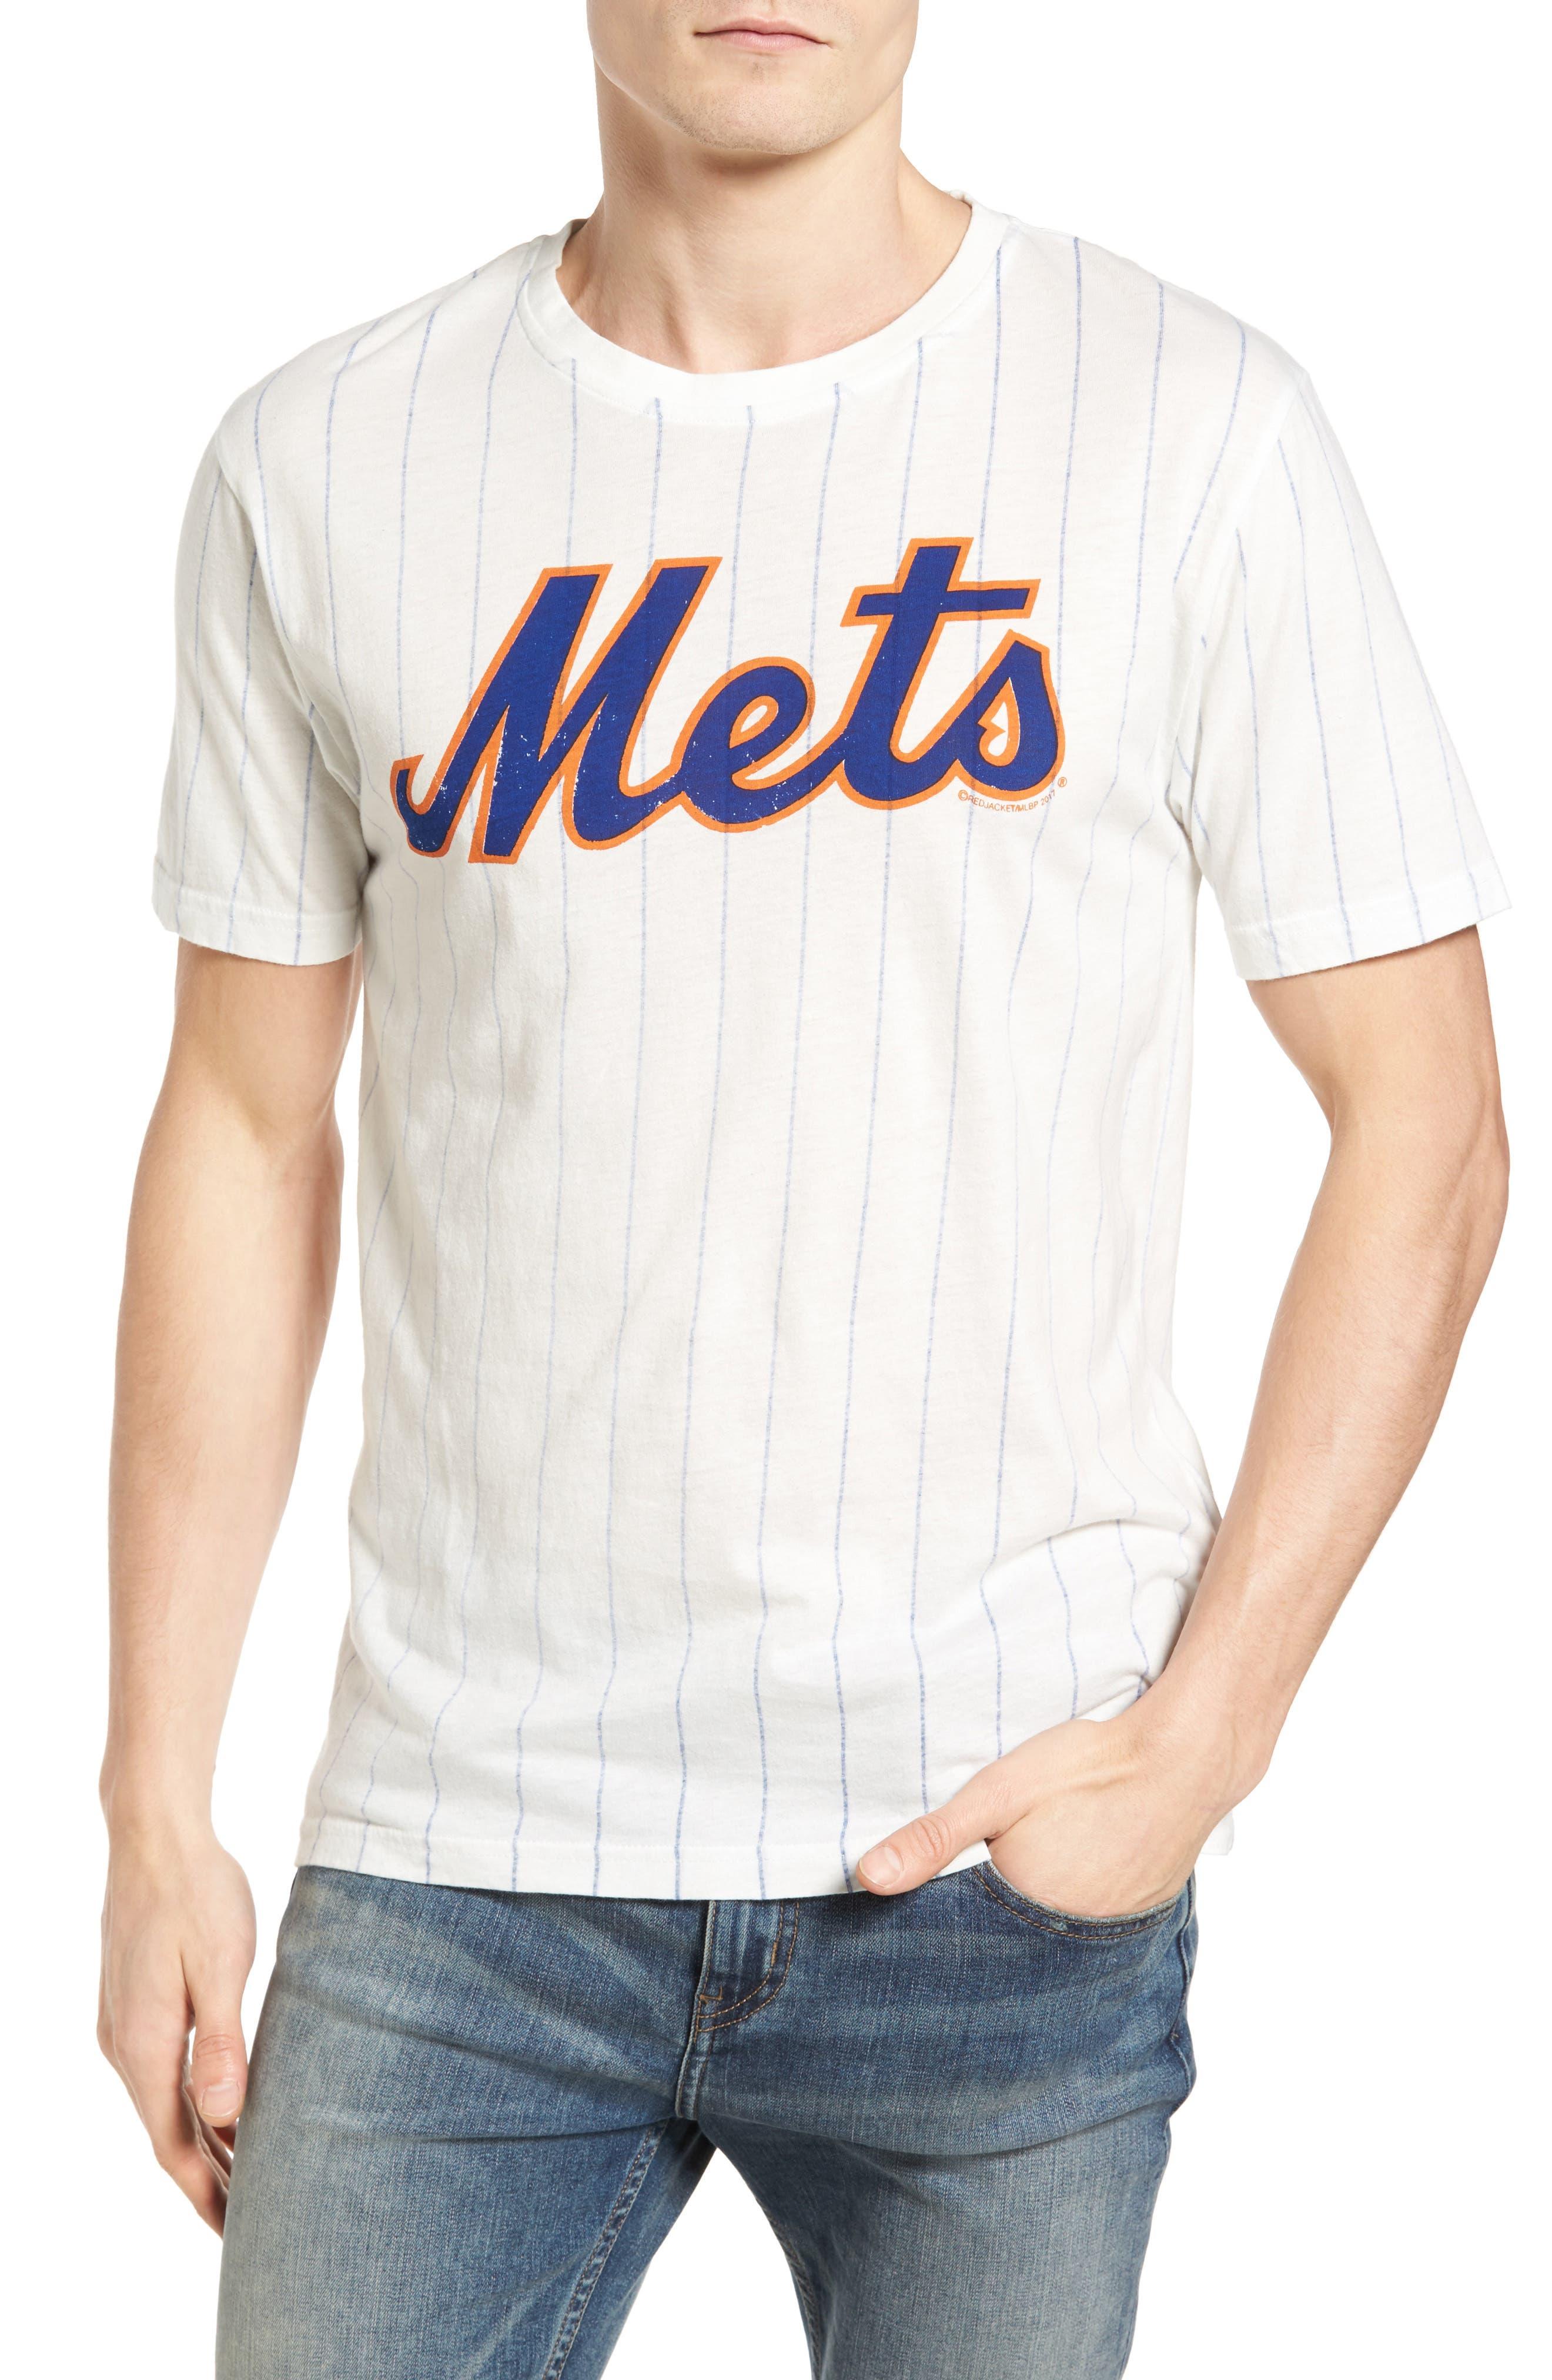 Brass Tack New York Mets T-Shirt,                             Main thumbnail 1, color,                             182